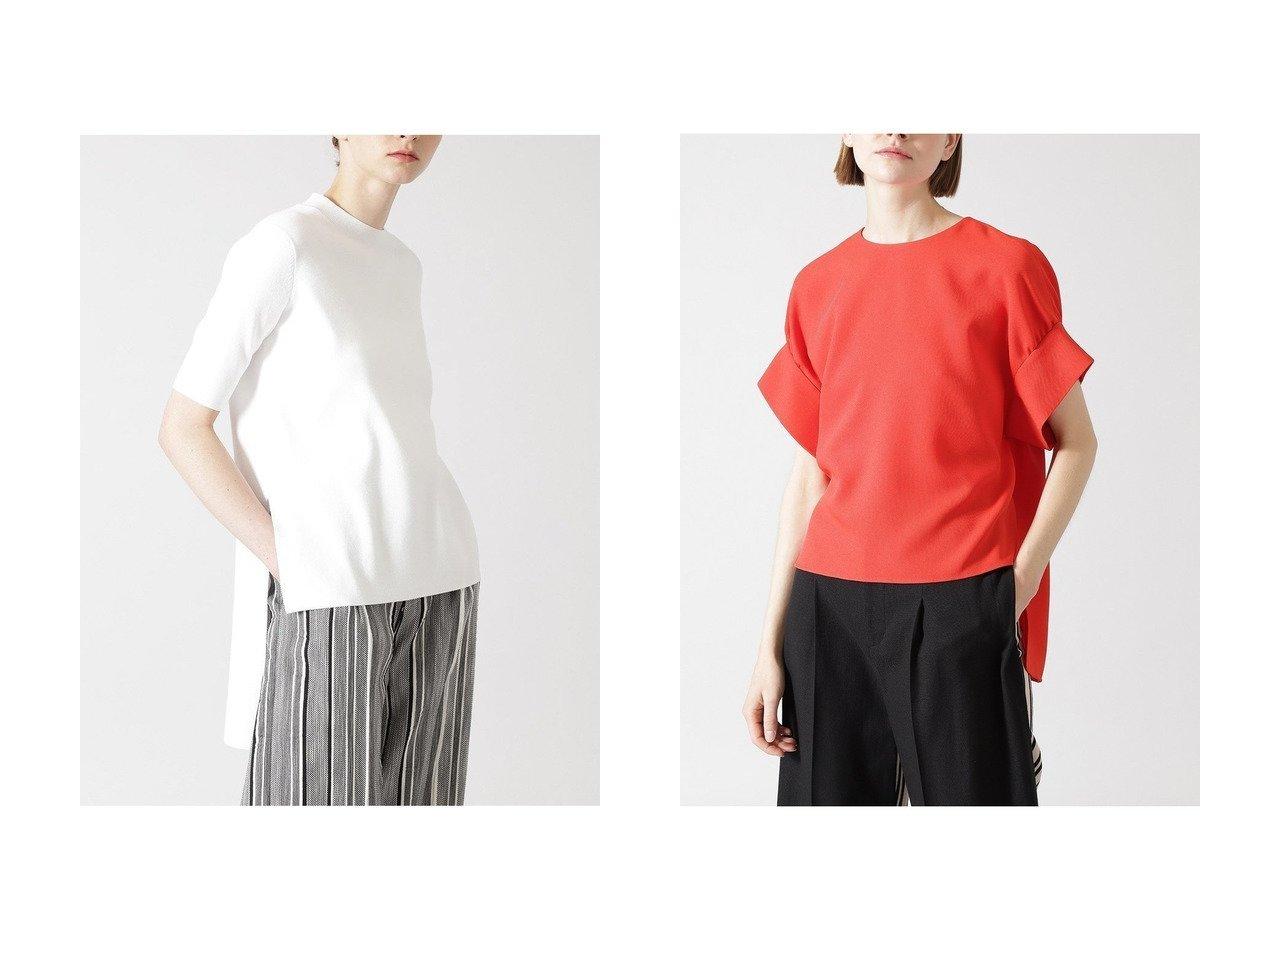 【ADORE/アドーア】のクールストレッチニットプルオーバー&イージージョーゼットブラウス 【トップス・カットソー】おすすめ!人気、トレンド・レディースファッションの通販   おすすめで人気の流行・トレンド、ファッションの通販商品 メンズファッション・キッズファッション・インテリア・家具・レディースファッション・服の通販 founy(ファニー) https://founy.com/ ファッション Fashion レディースファッション WOMEN トップス・カットソー Tops/Tshirt ニット Knit Tops プルオーバー Pullover シャツ/ブラウス Shirts/Blouses ストレッチ フィット ヘムライン ベーシック おすすめ Recommend ショート ジョーゼット スリーブ セットアップ リラックス |ID:crp329100000031790